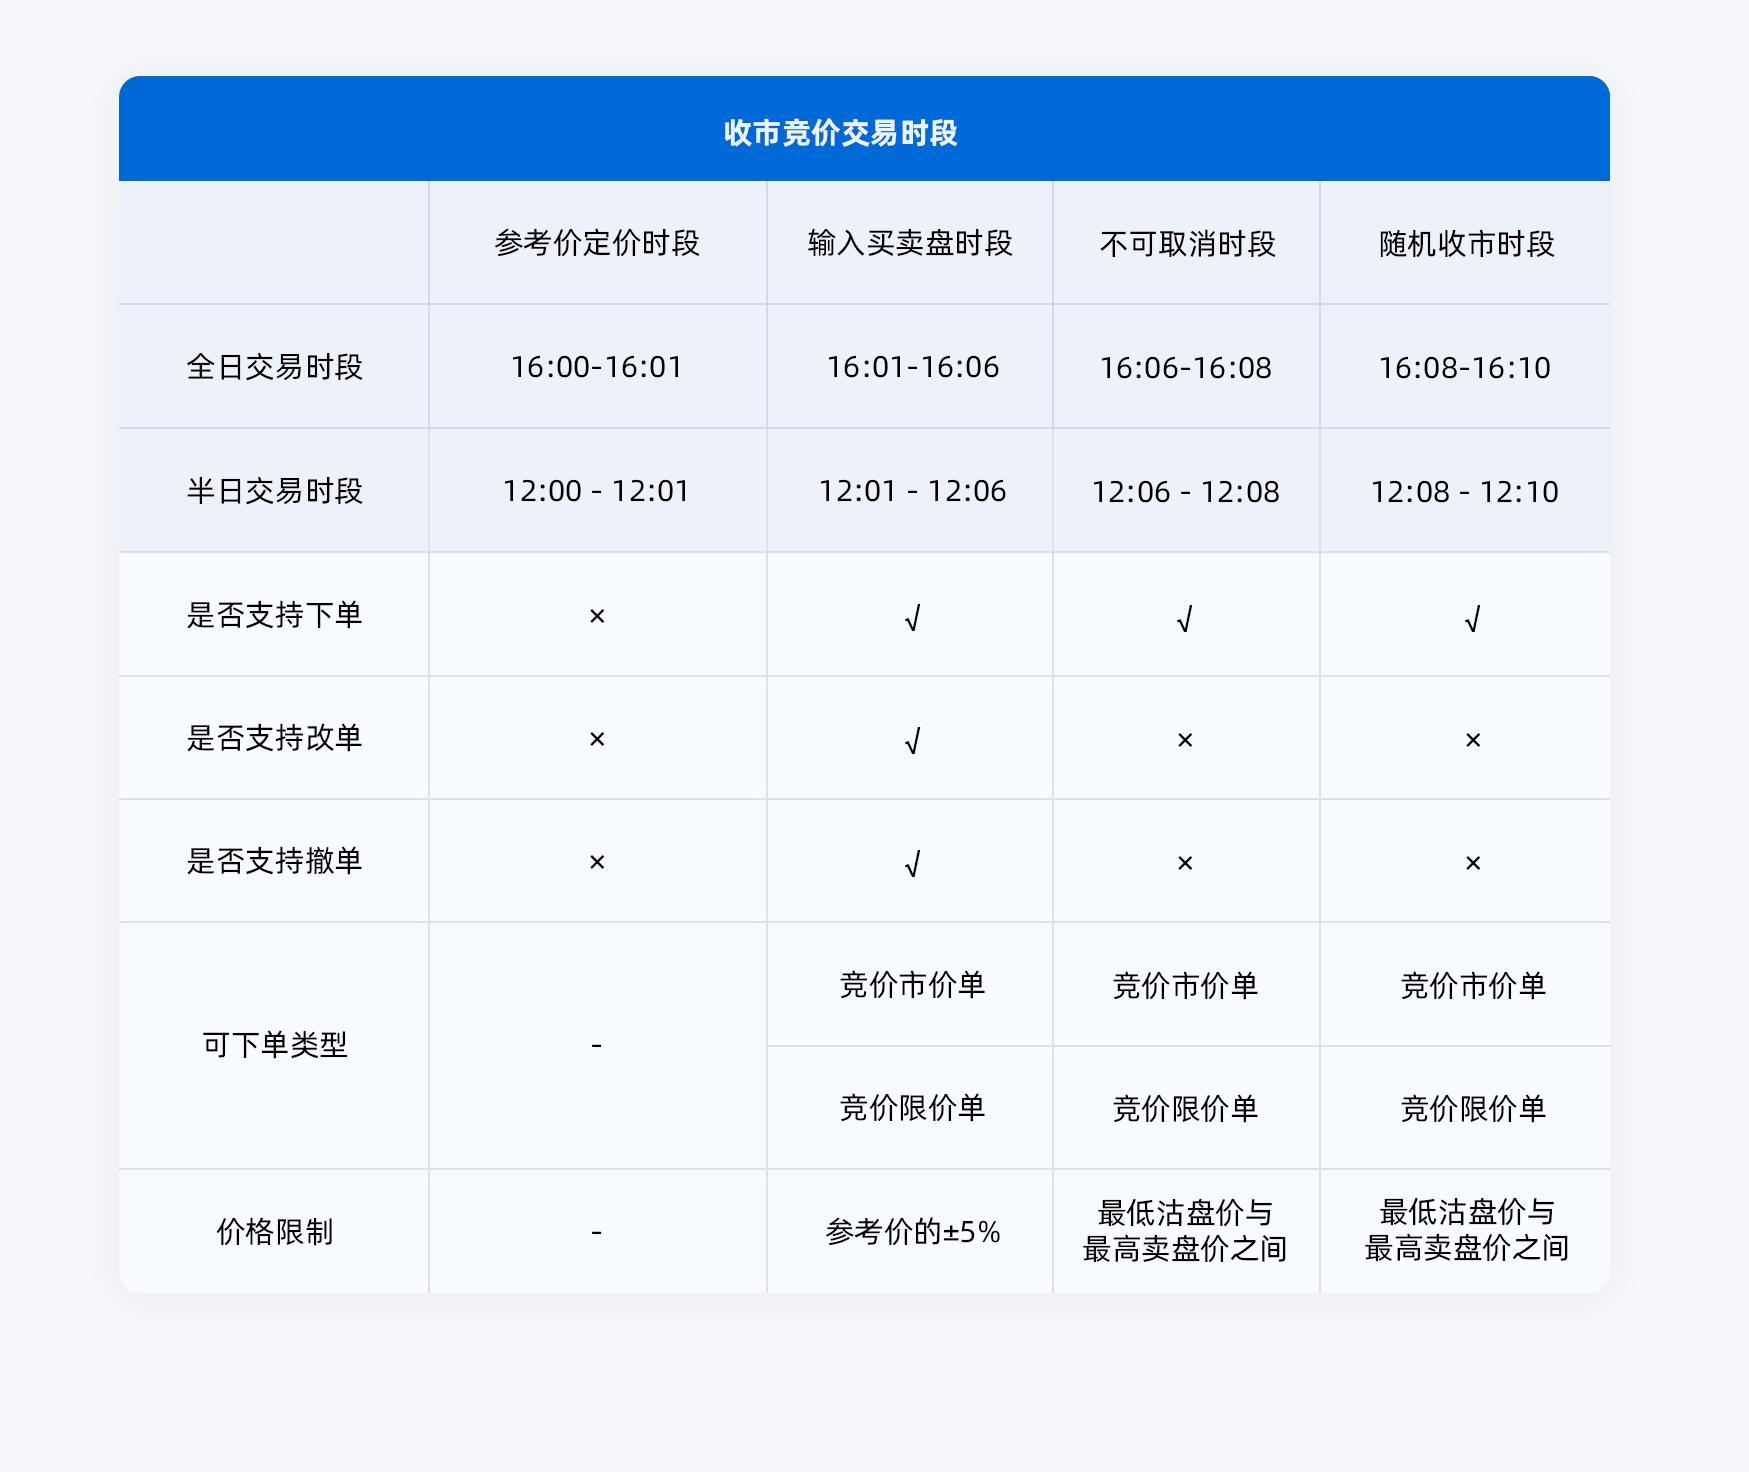 收市竞价交易时段简体.png